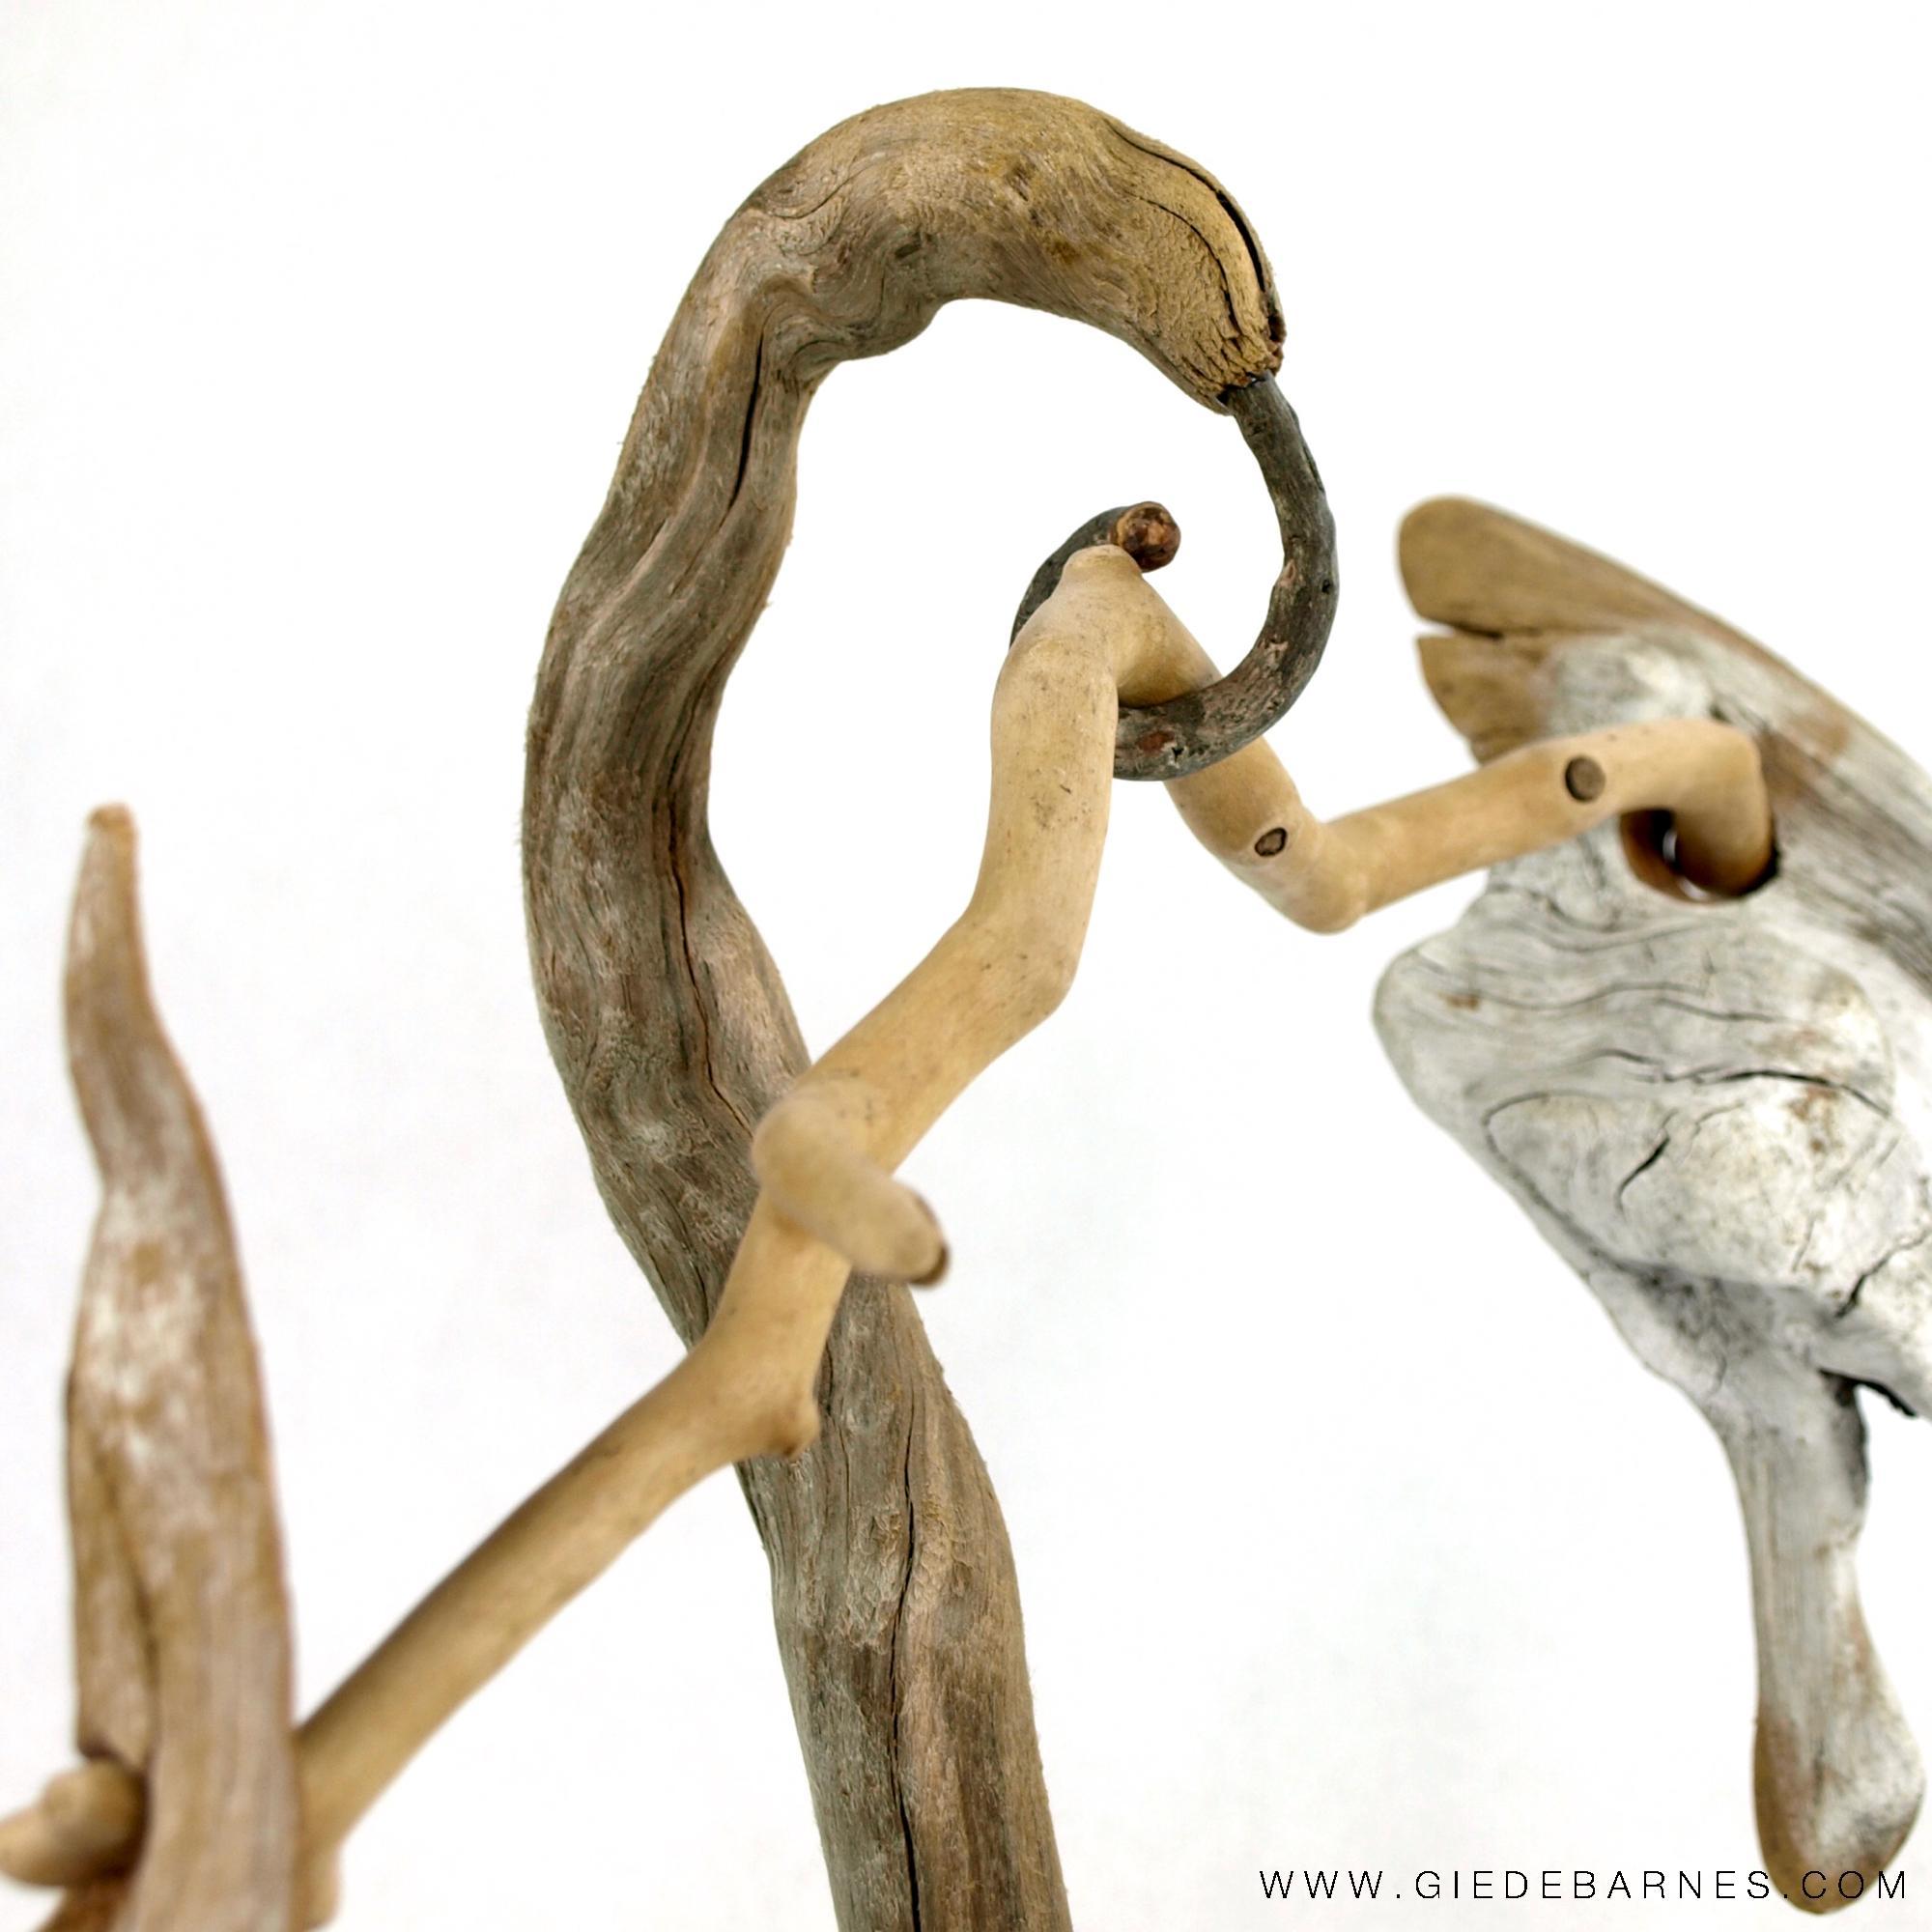 PETRA GIEDE-BARNES